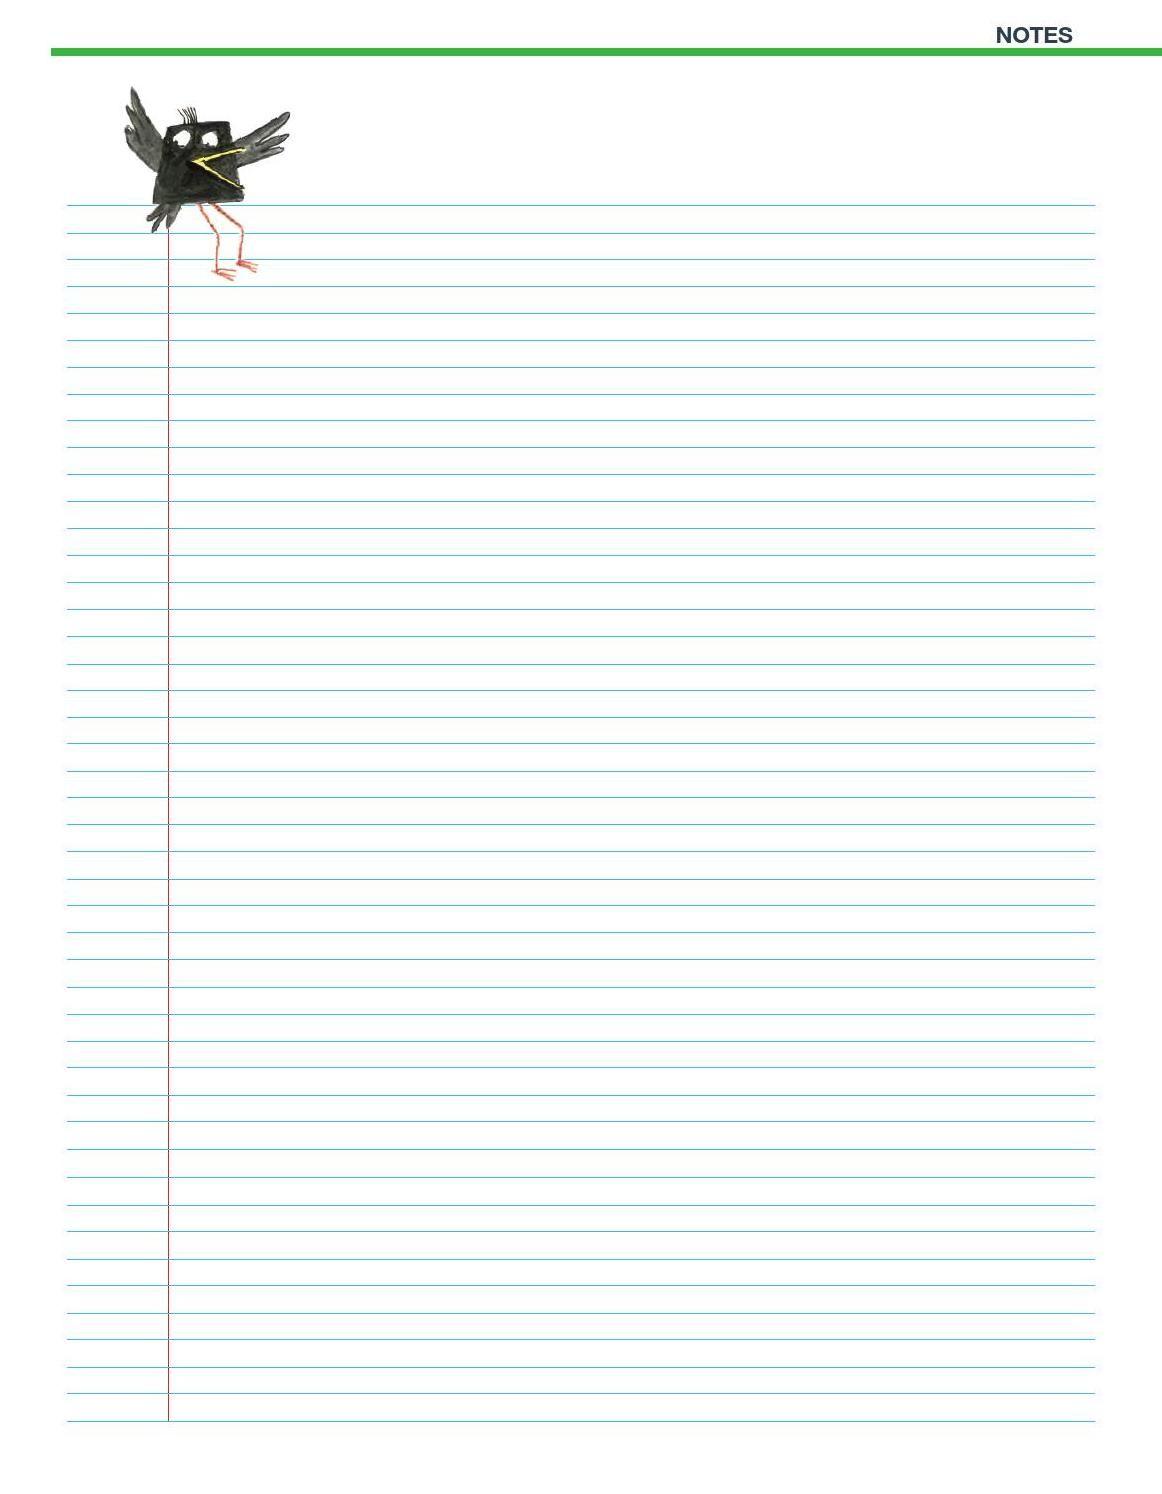 NOTES - BIRD